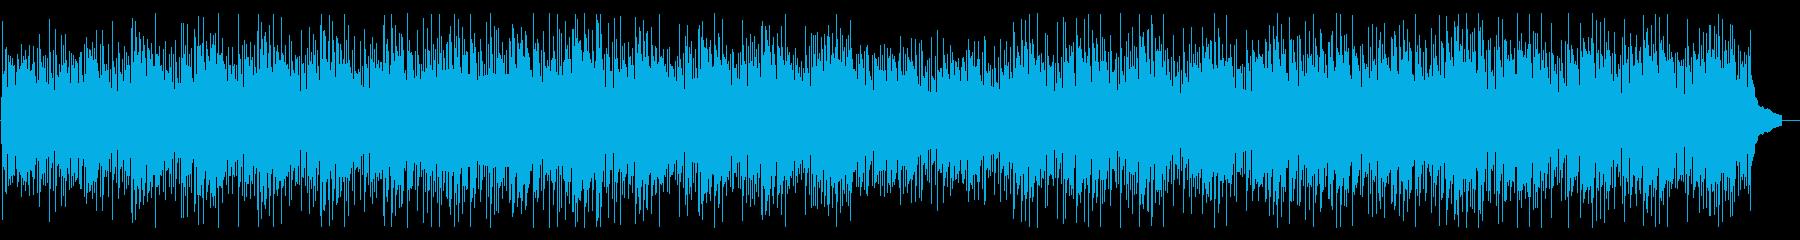 【コンガ抜】のんびりお気楽なウクレレの再生済みの波形